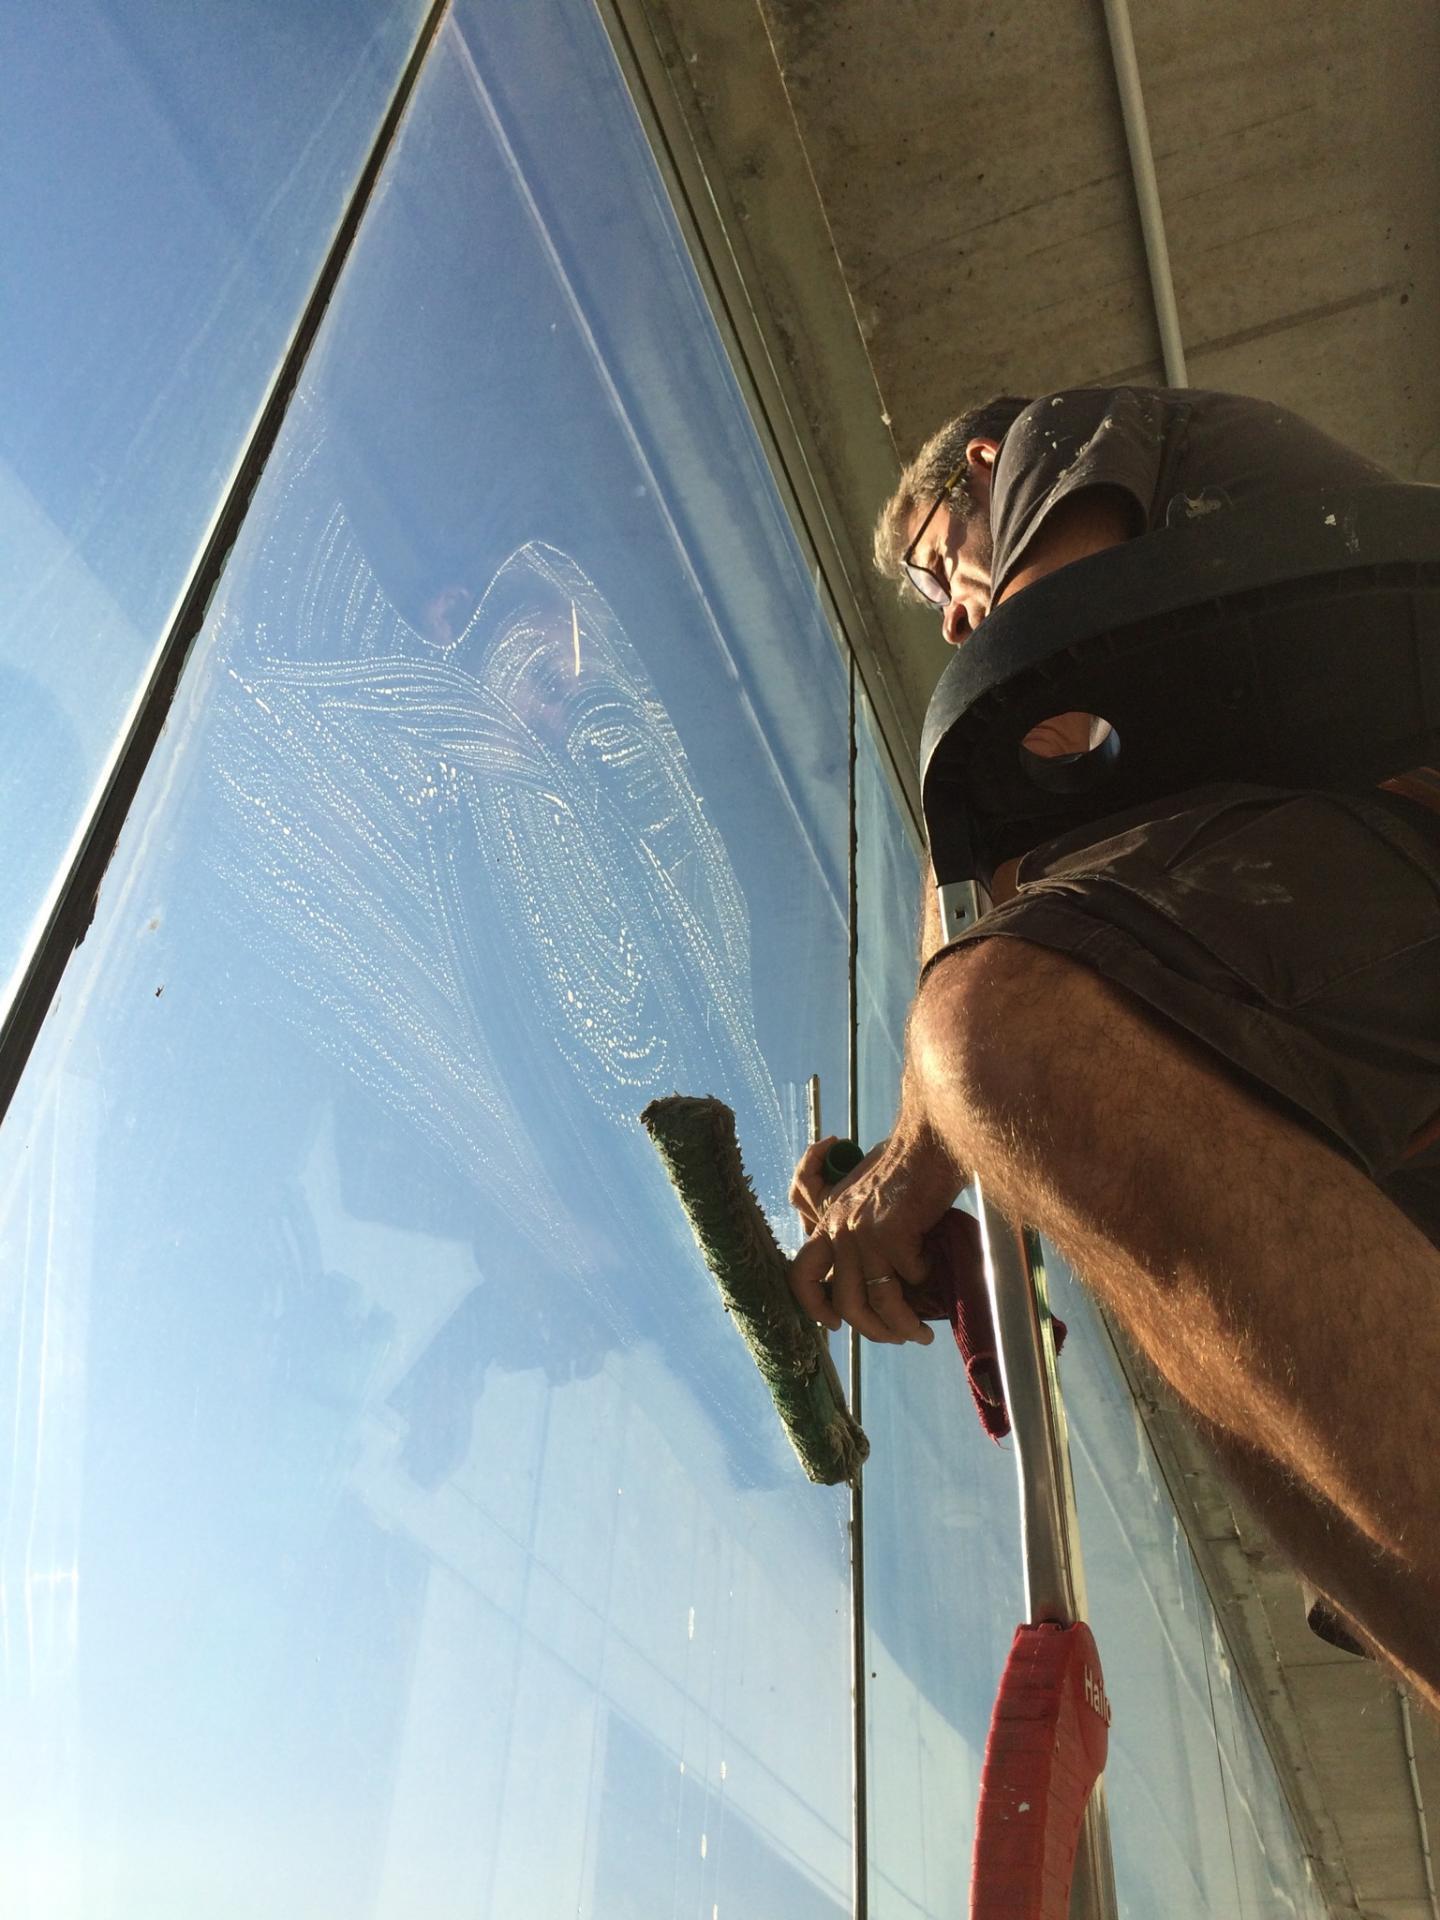 Nettoyage de vitres à l'américaines